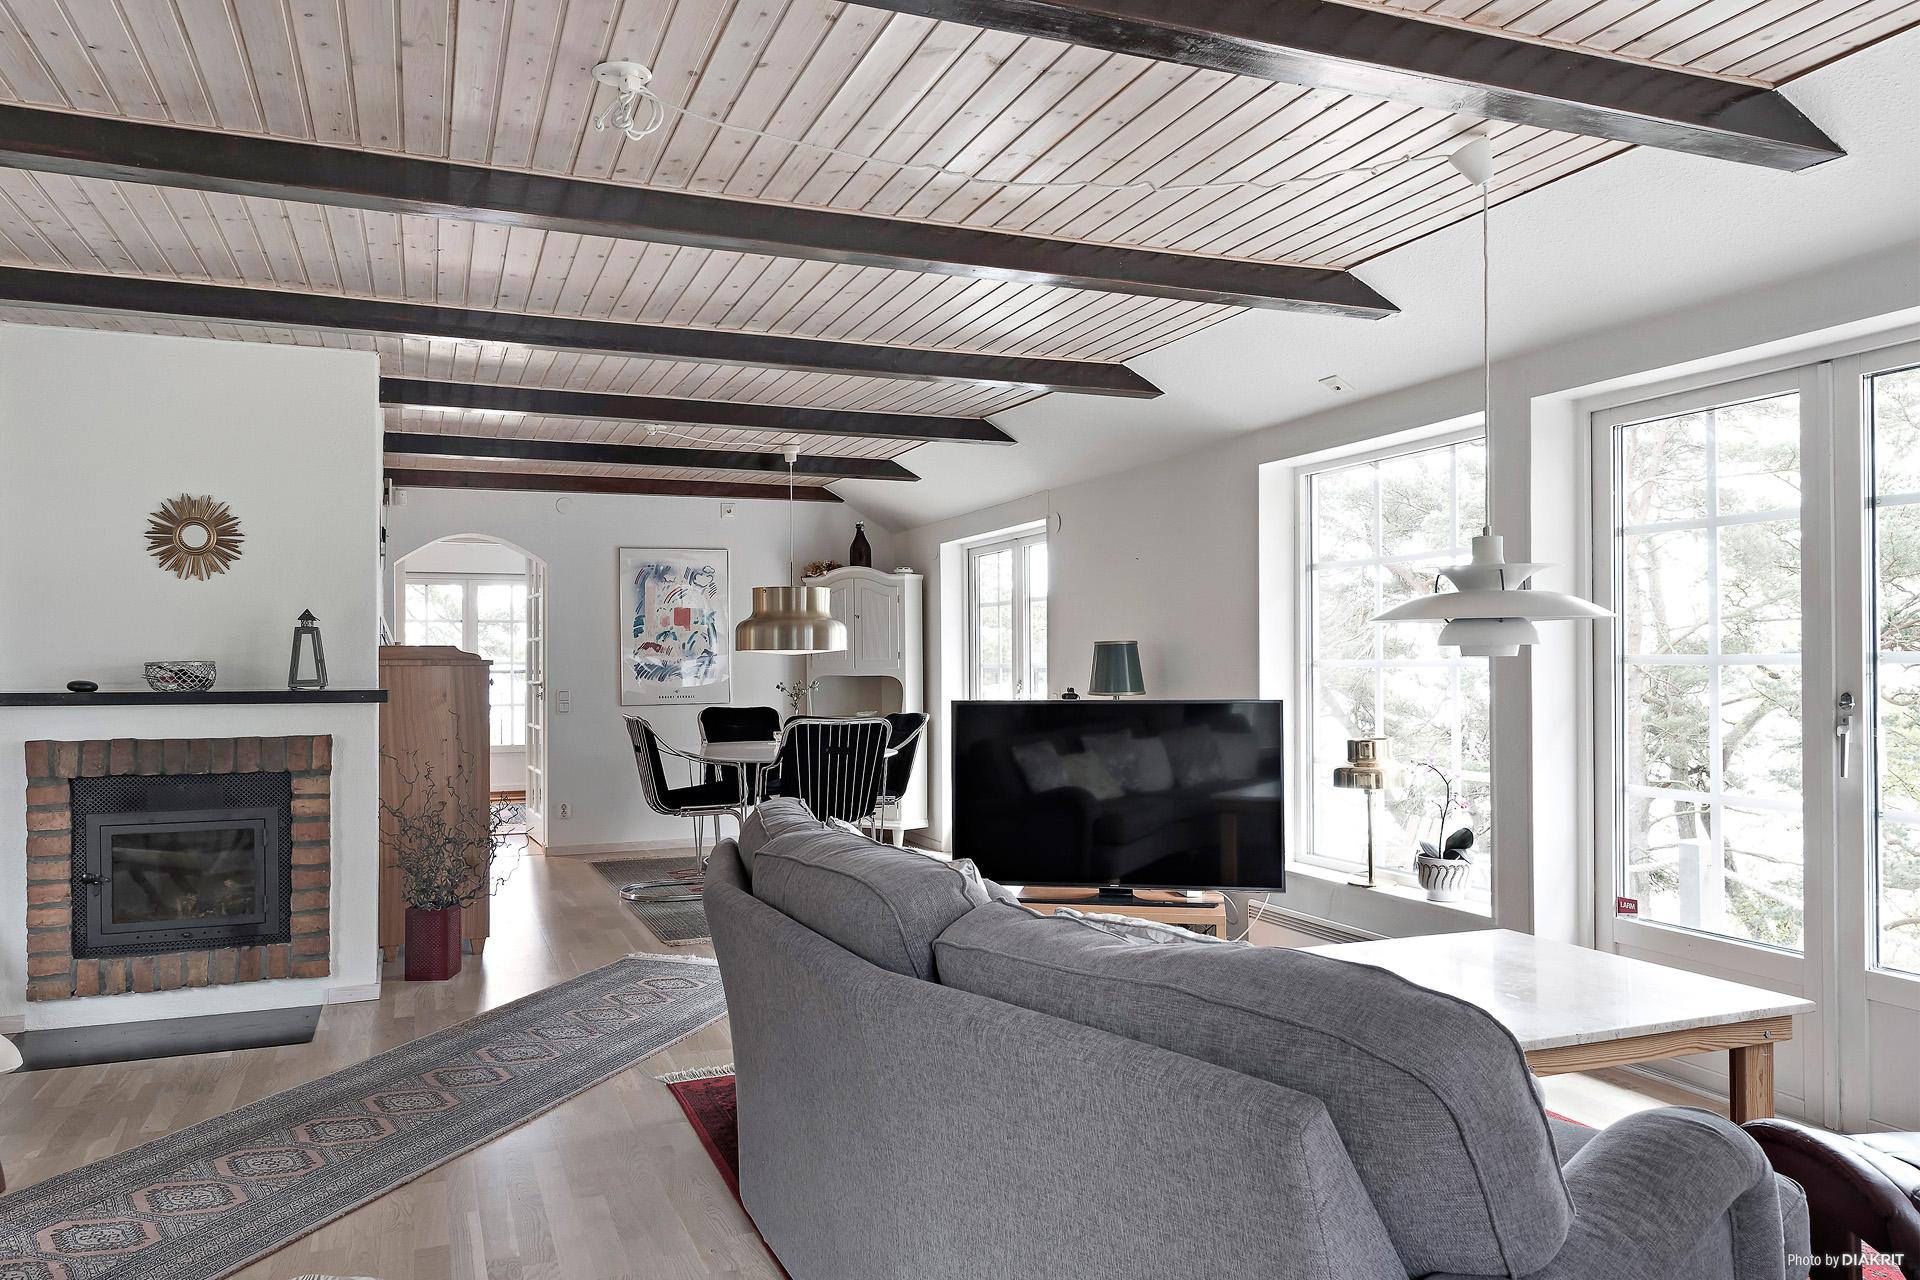 Vardagsrummet har öppenspis med braskasett som sprider skön värme i denna del av huset